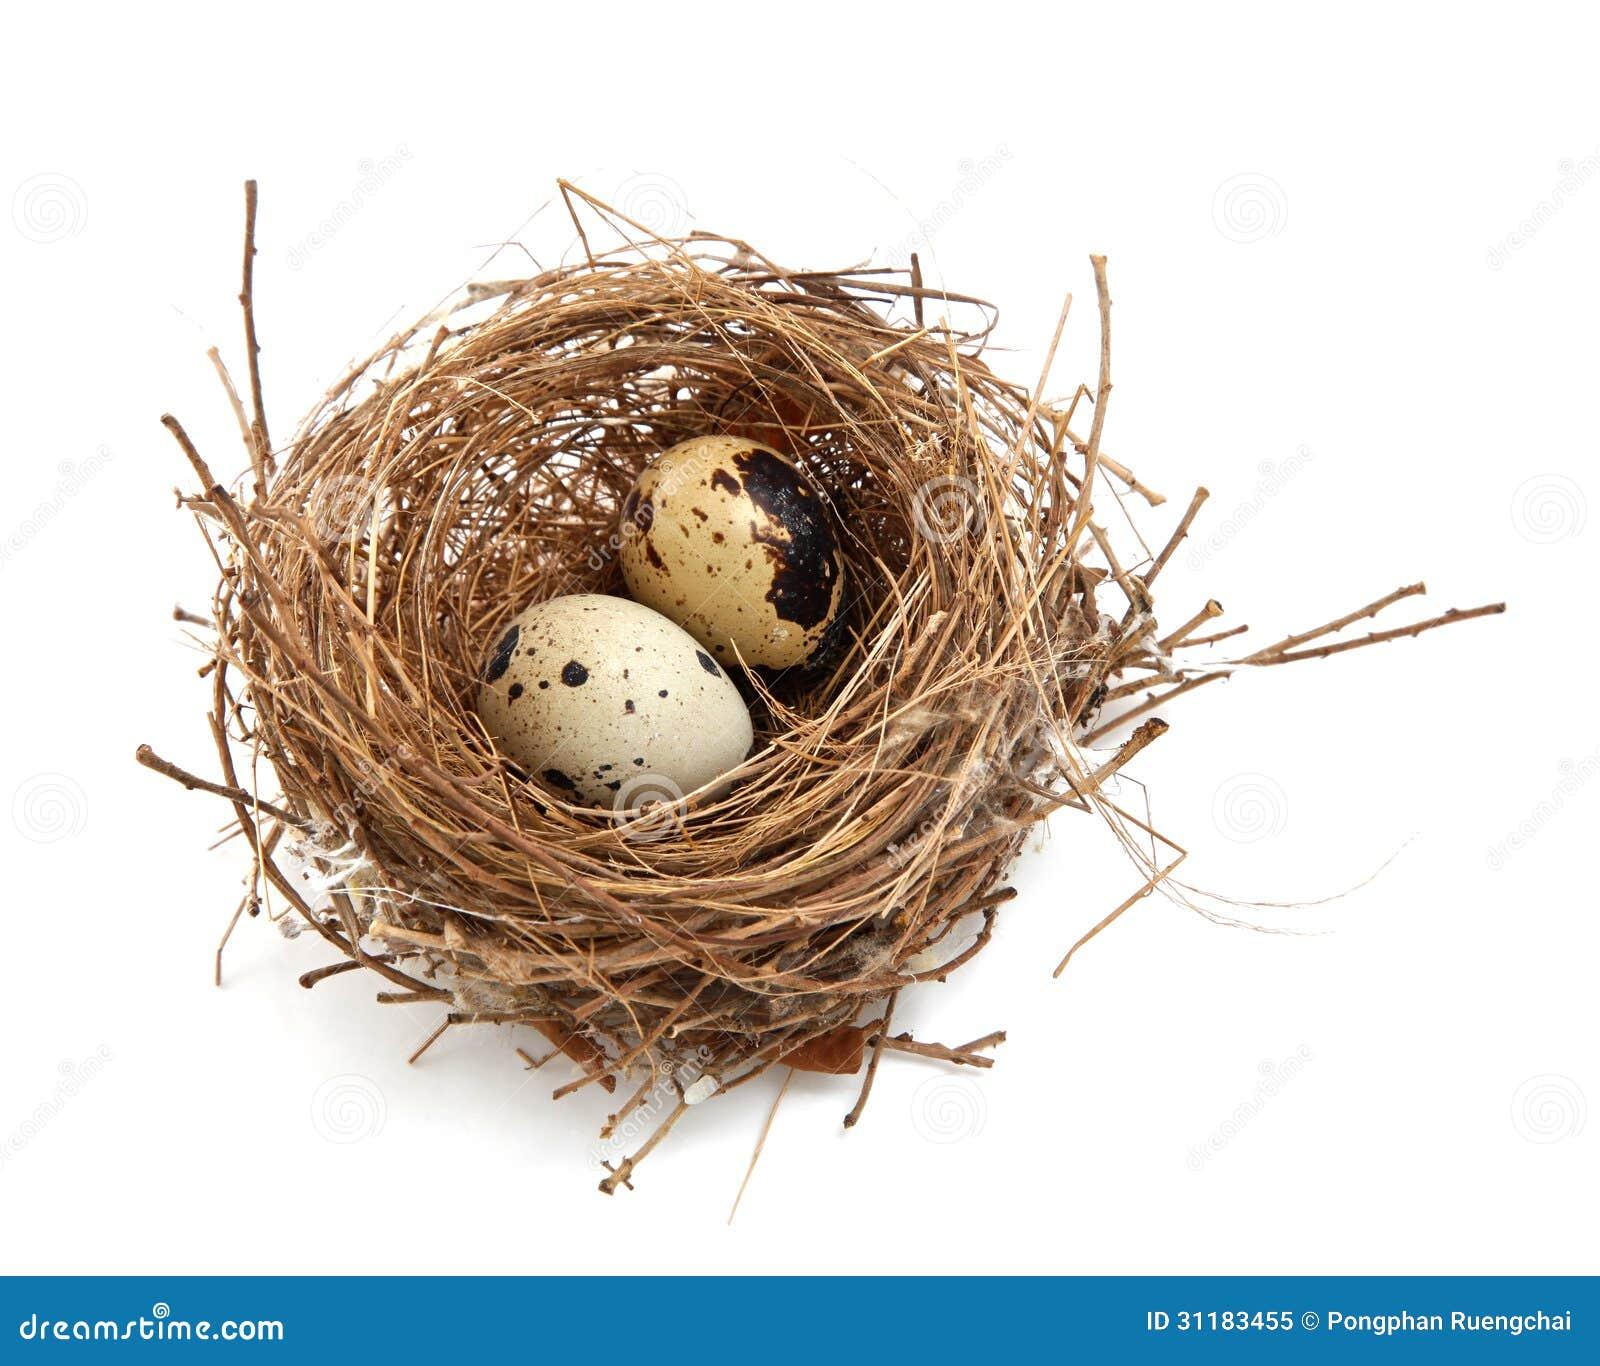 鸟巢和鸡蛋